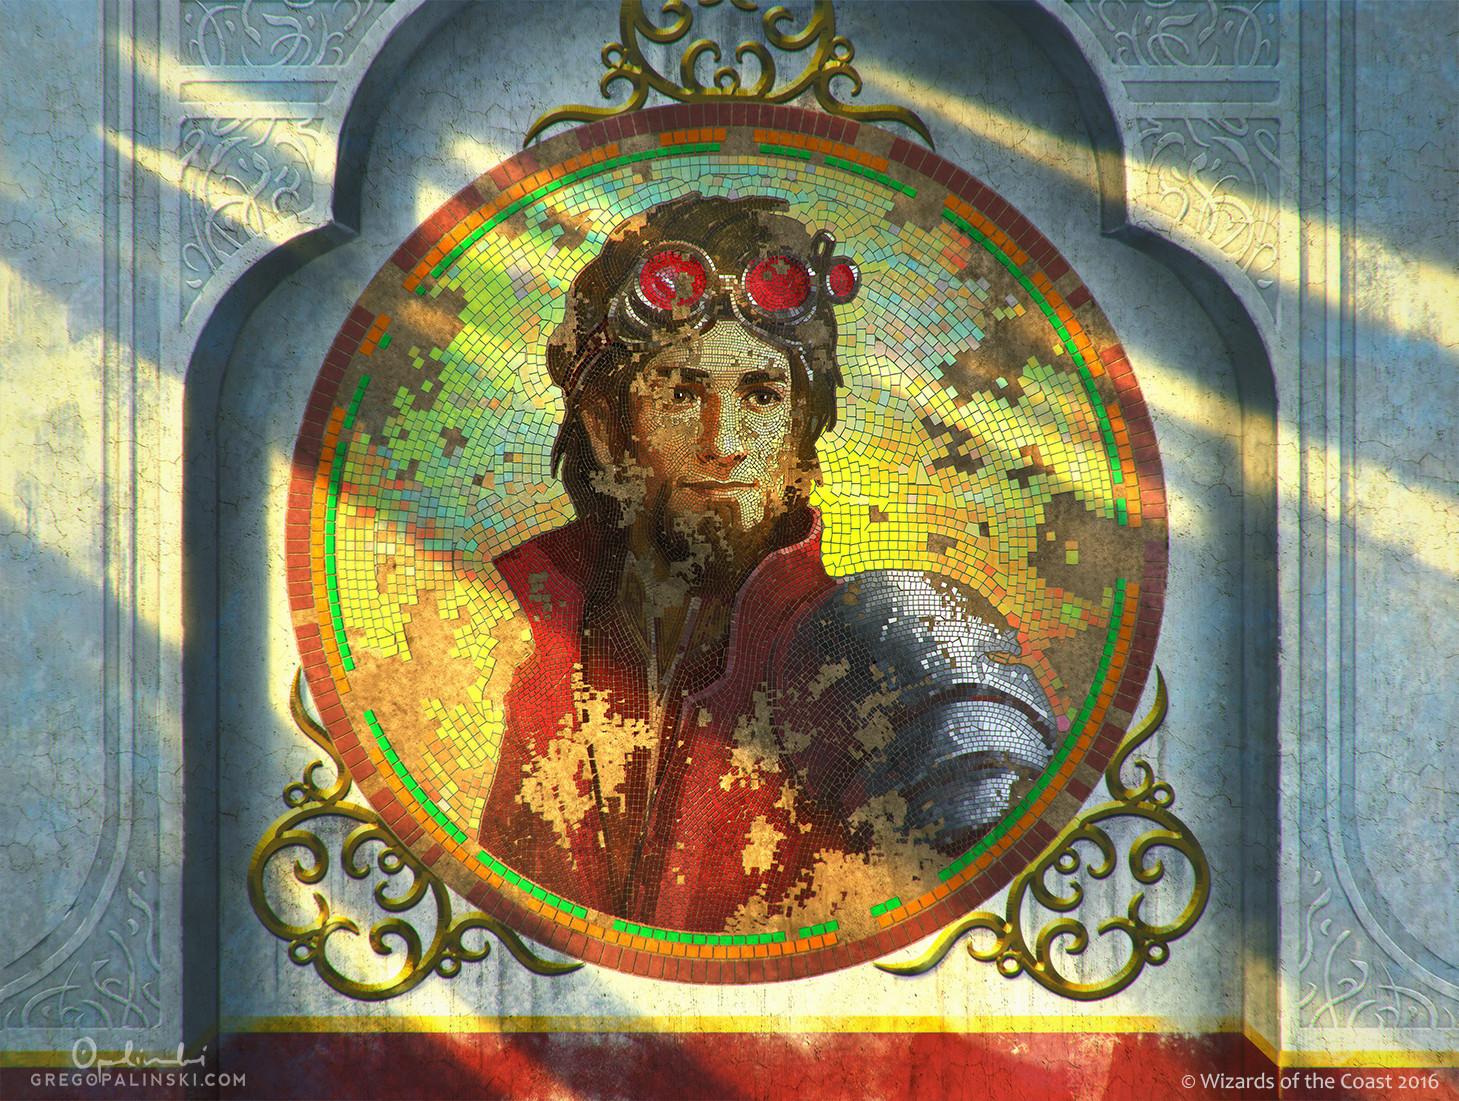 Greg opalinski fading portrait